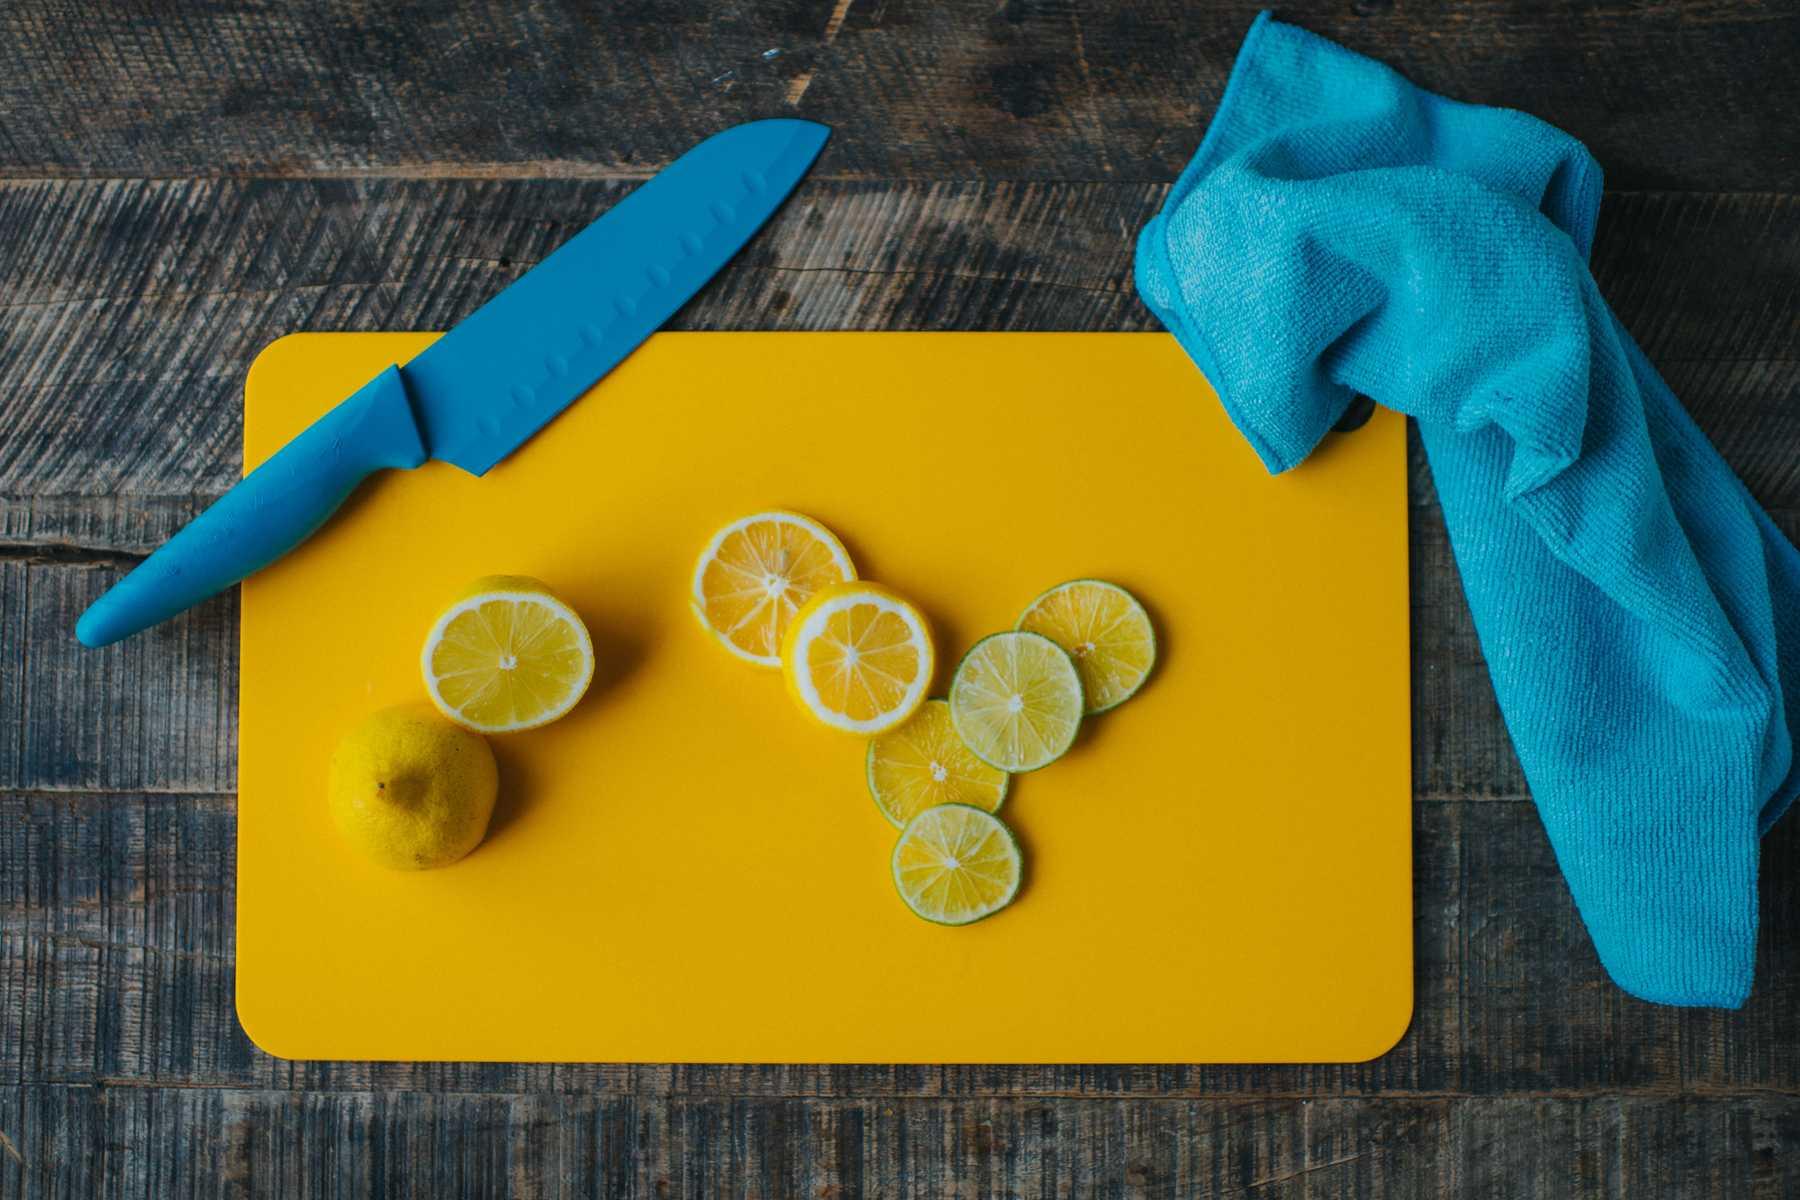 Nấu ăn mà bị vết nghệ dính trên tay thì trông ghê lắm, học ngay mẹo này để tẩy sạch bay! - Ảnh 7.